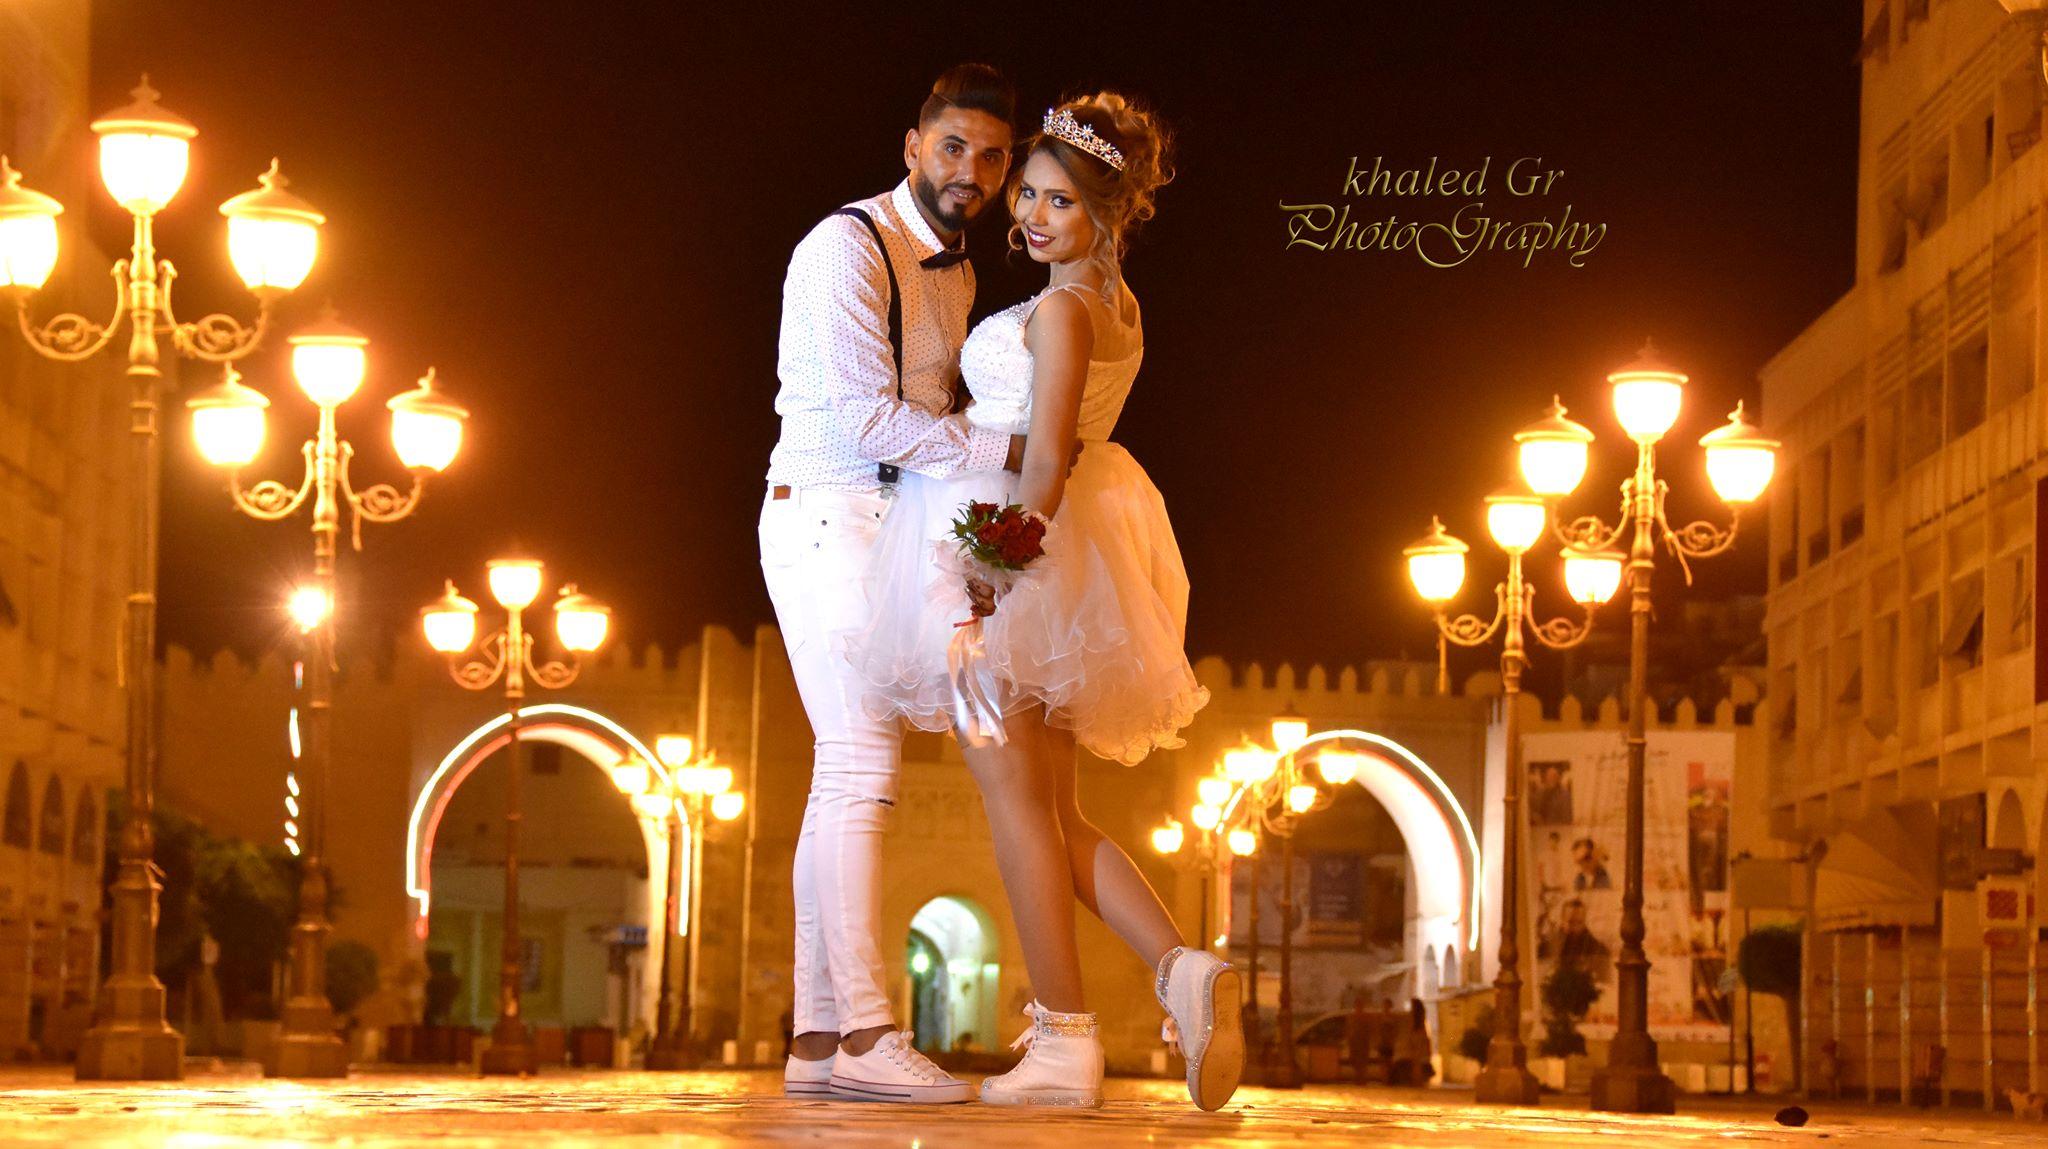 صفاقس : العروس والعريس يرتديان ملابس خارجة عن المألوف يوم زفافهما